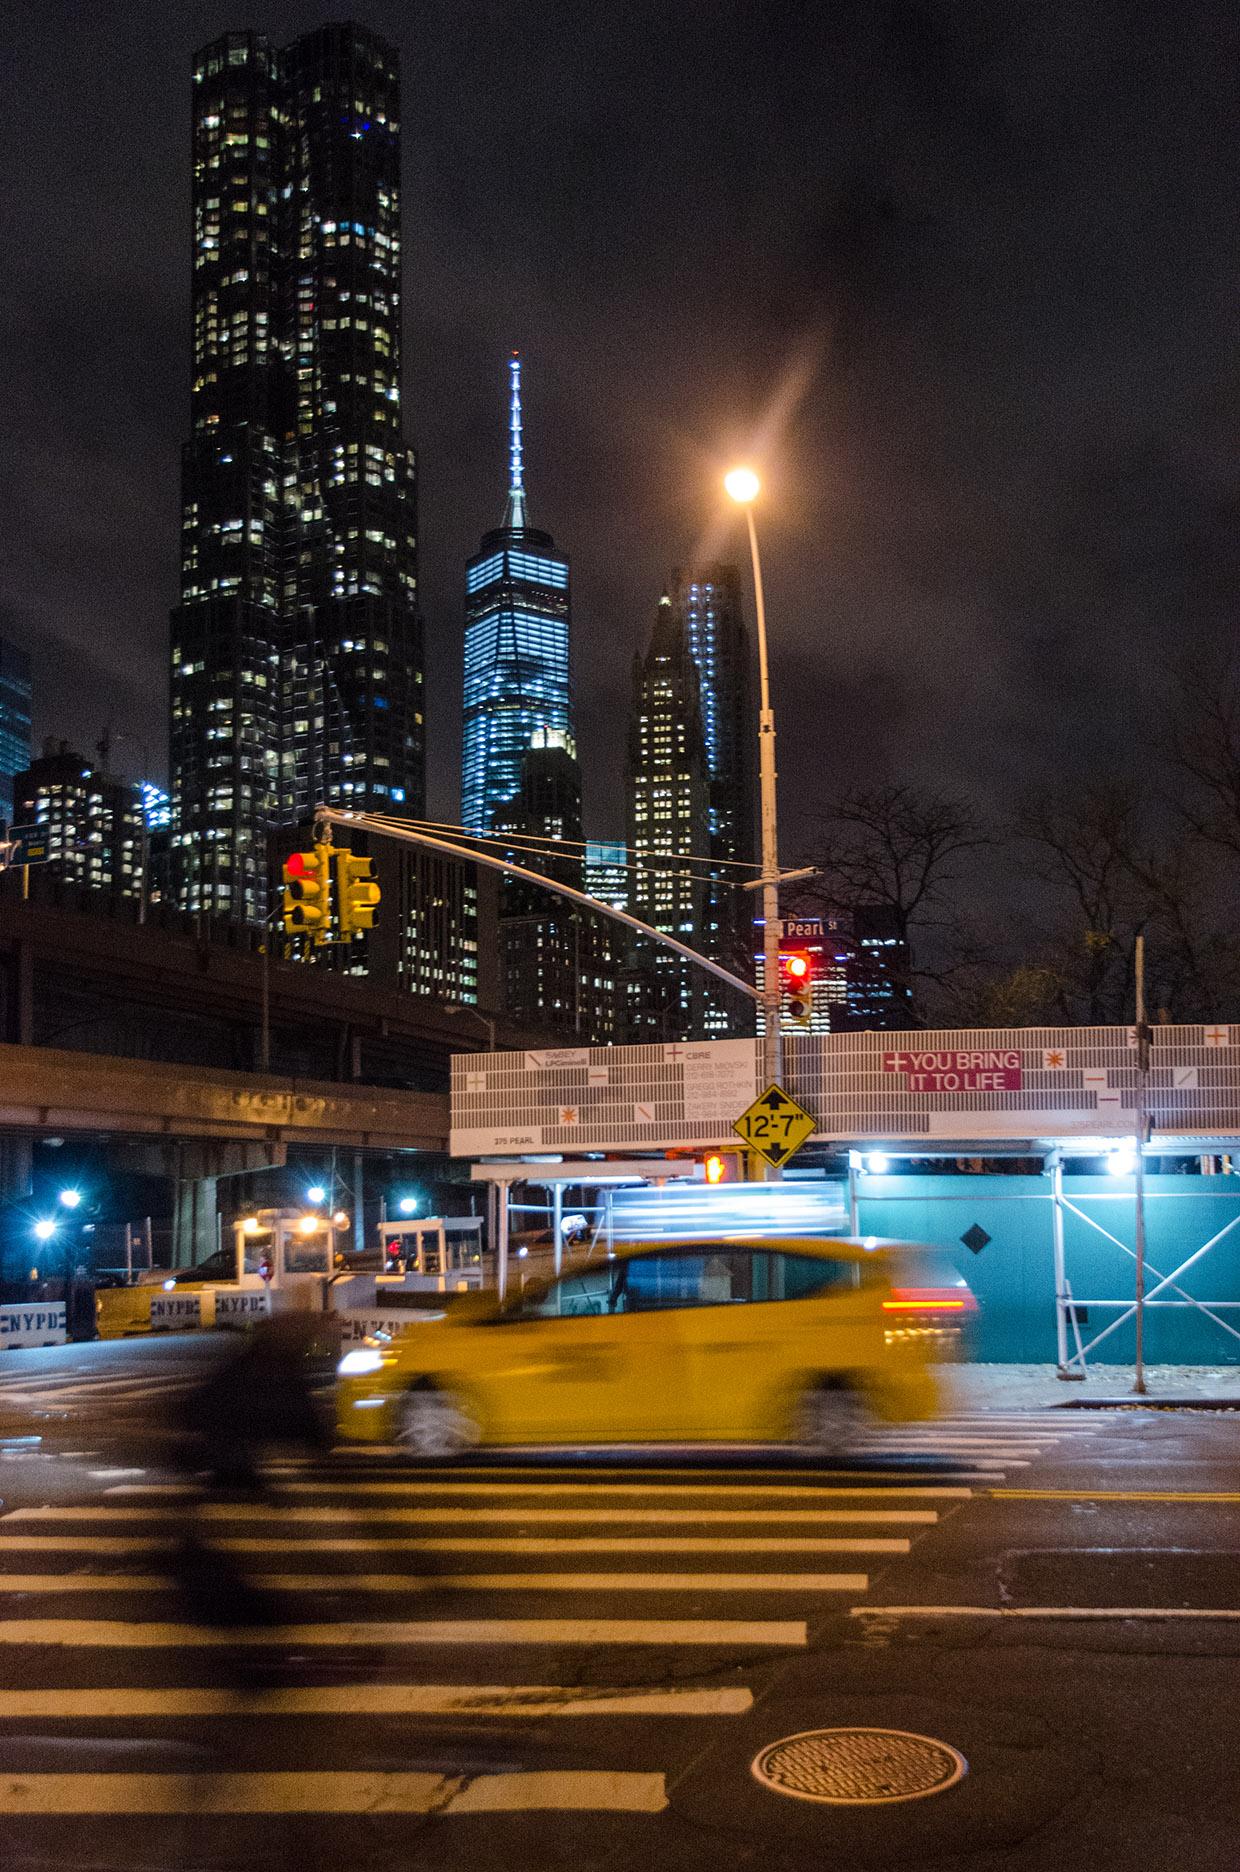 Walking Two Bridges at night. Manhattan, NYC.